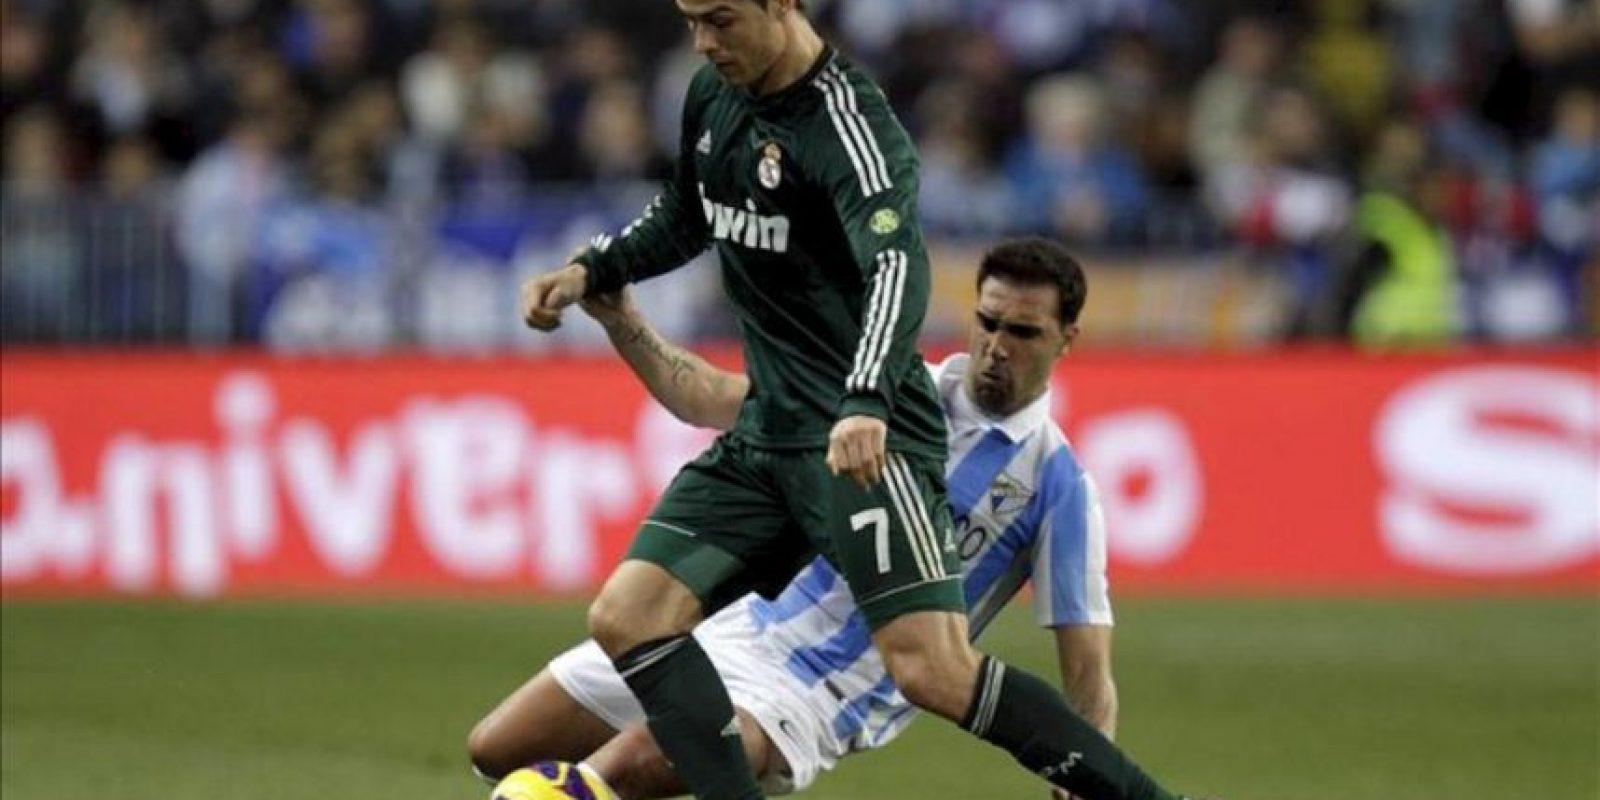 El delantero portugués del Real Madrid Cristiano Ronaldo (i) lucha un balón con Jesús Gámez, del Málaga, durante el partido correspondiente a la decimoséptima jornada de liga en Primera División disputado en el estadio de La Rosaleda. EFE